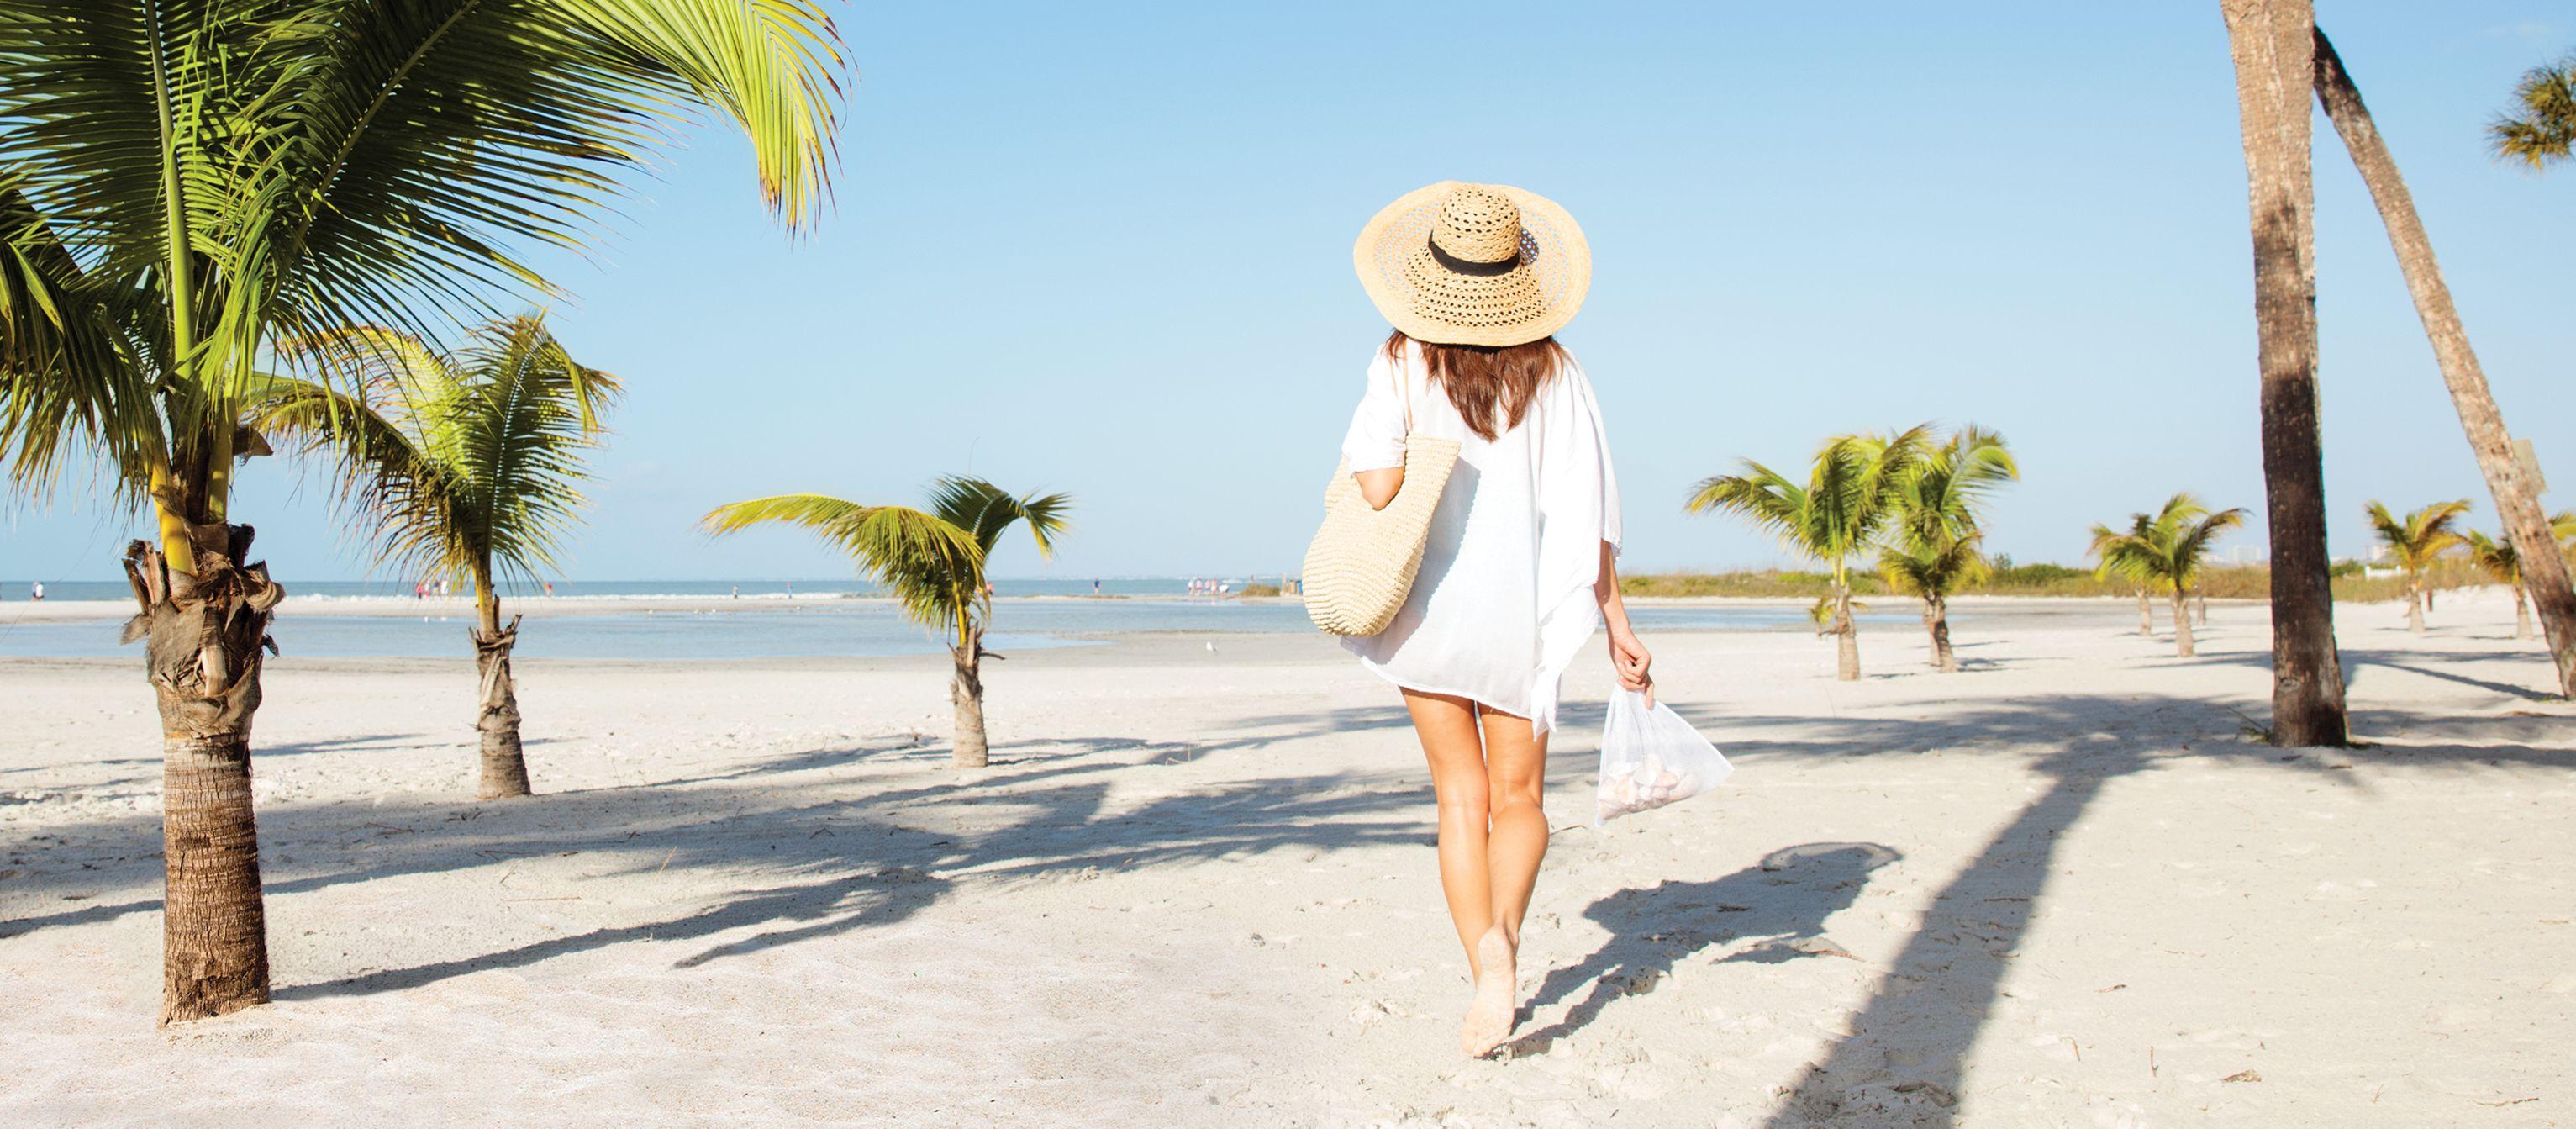 Die Strände von Fort Myers Beach genießen